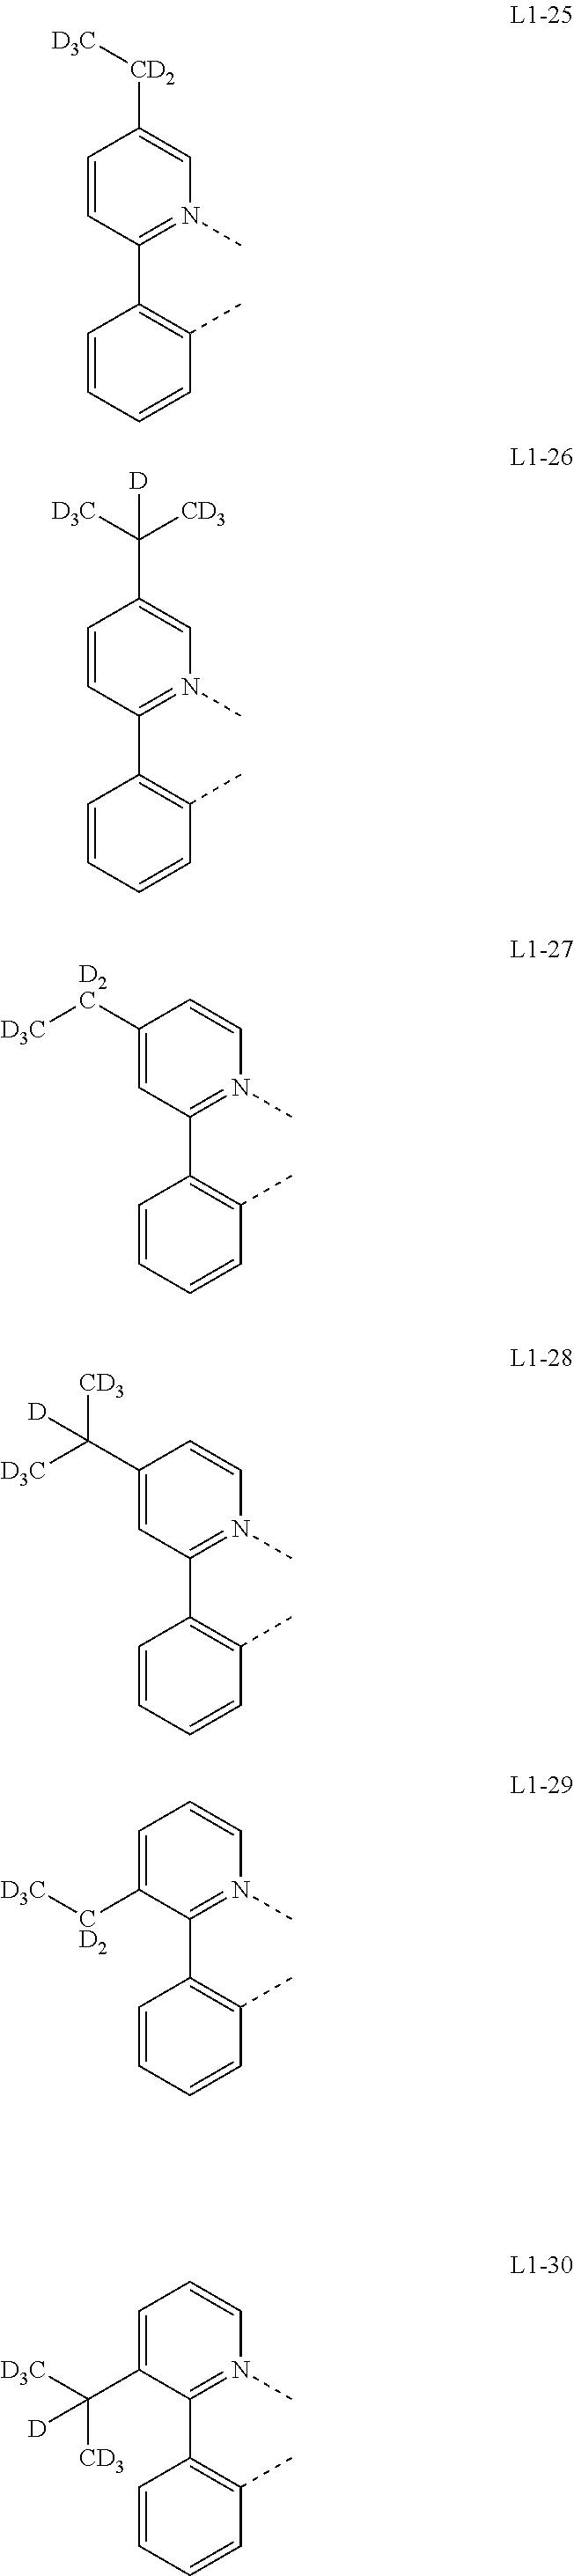 Figure US10074806-20180911-C00047